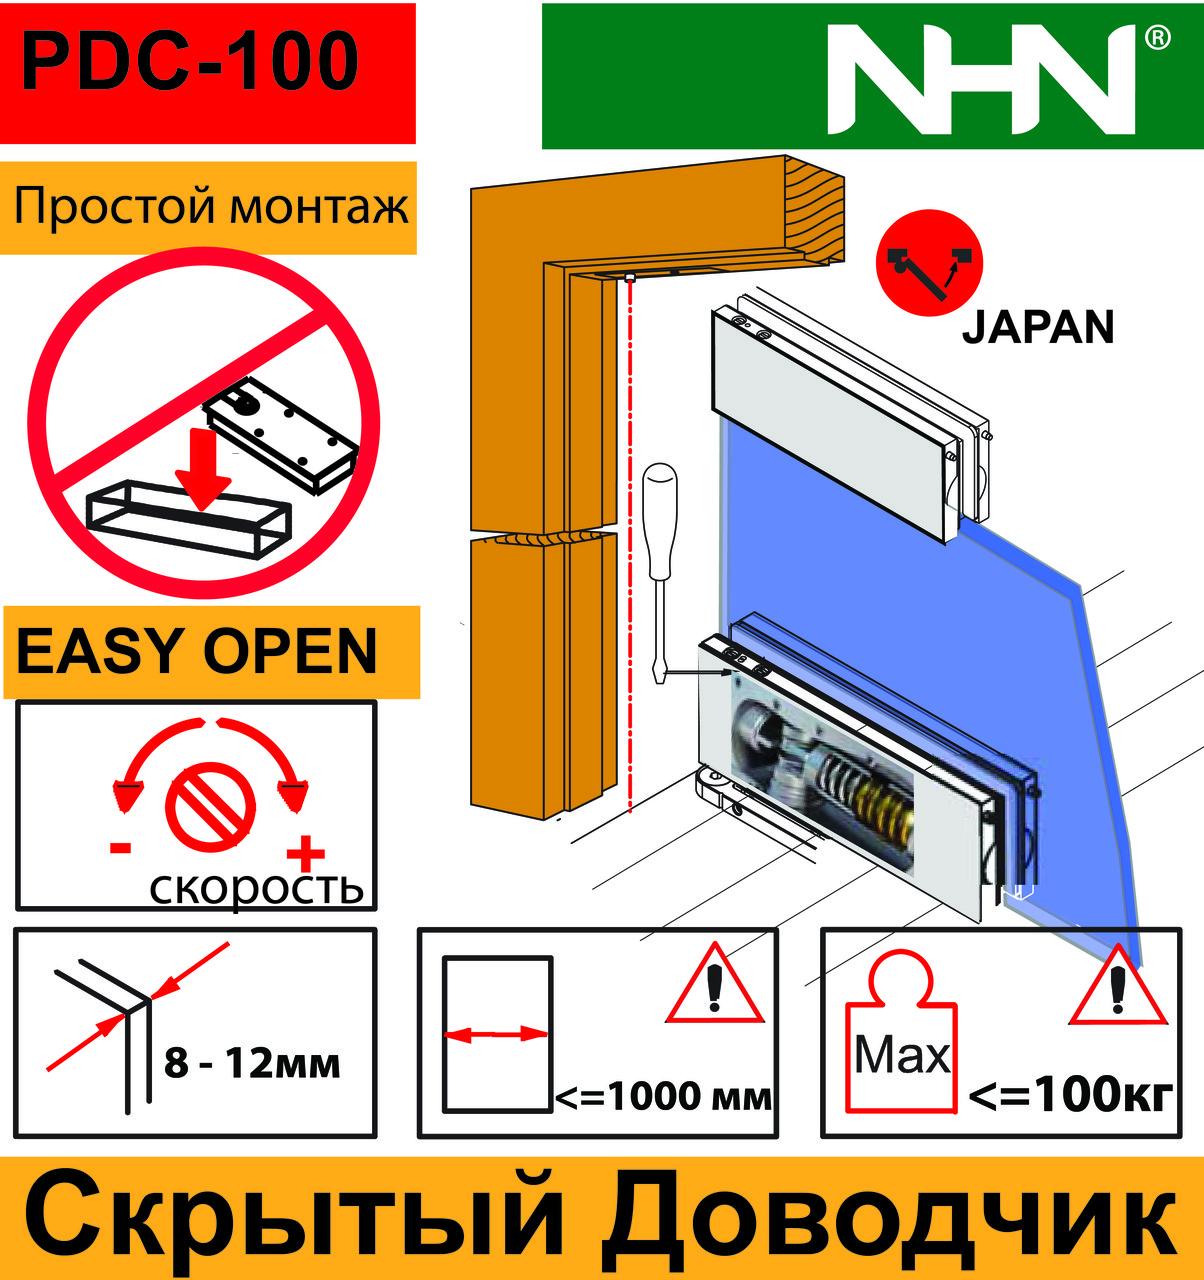 Приводы для автоматических раздвижных дверей